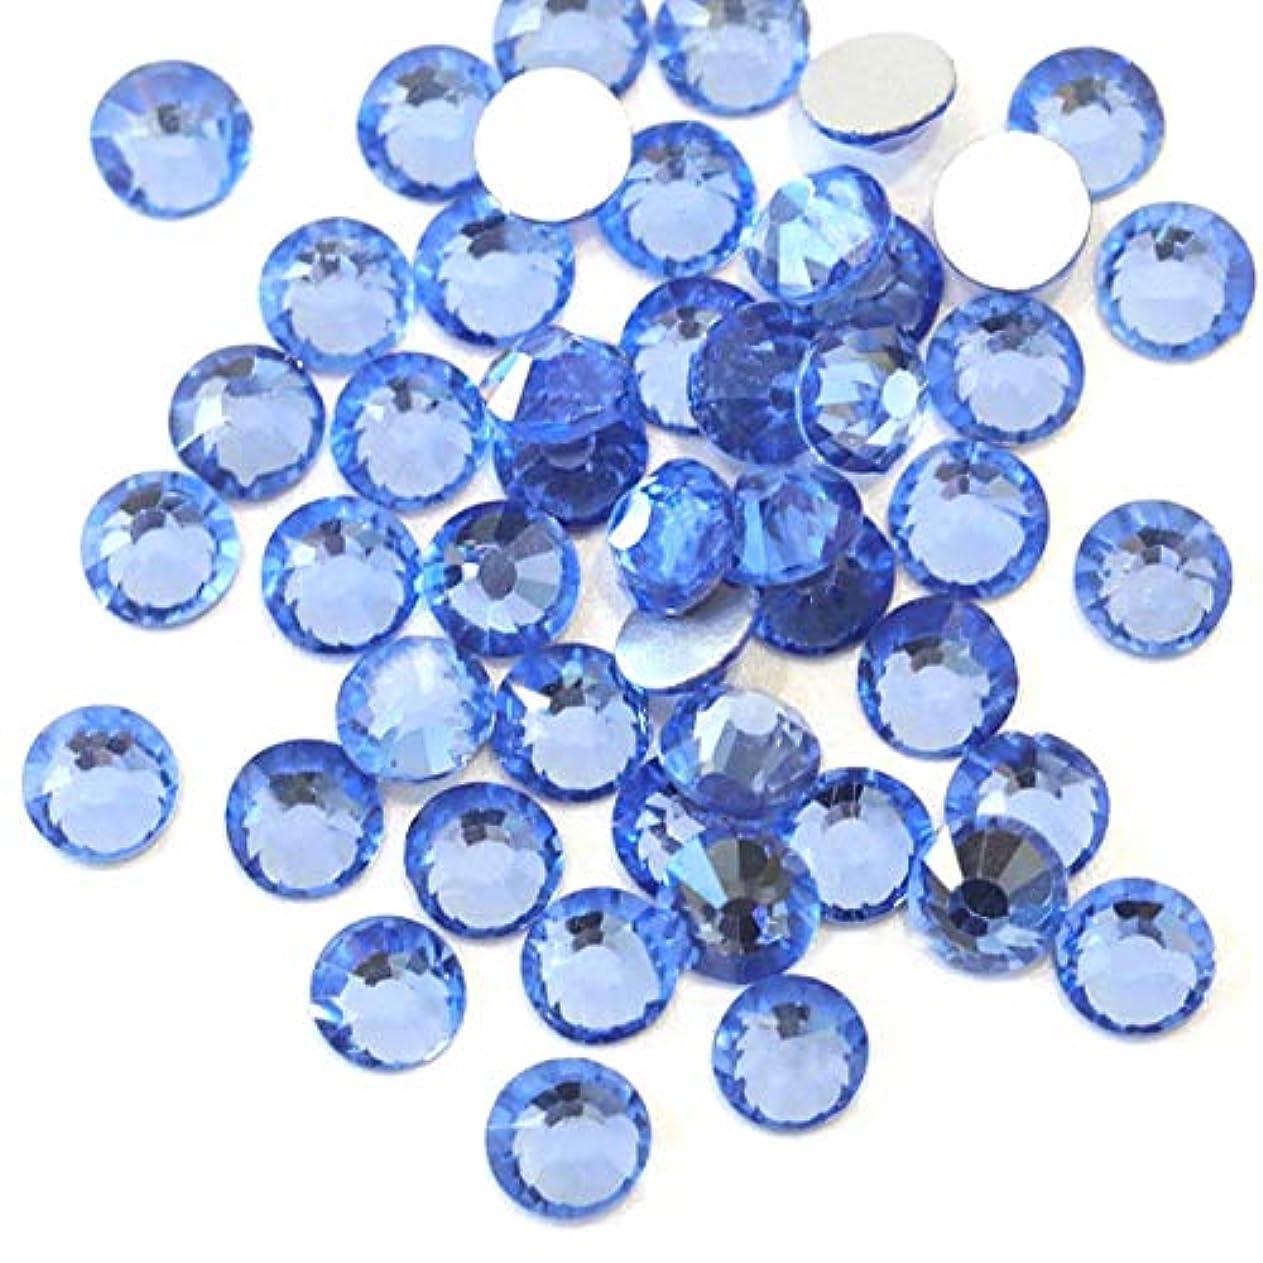 のれん伝染病円形【ラインストーン77】 超高級 ガラス製ラインストーン SS4~SS40 ライトサファイア スワロフスキー同等 (1.5mm (SS4) 約200粒)